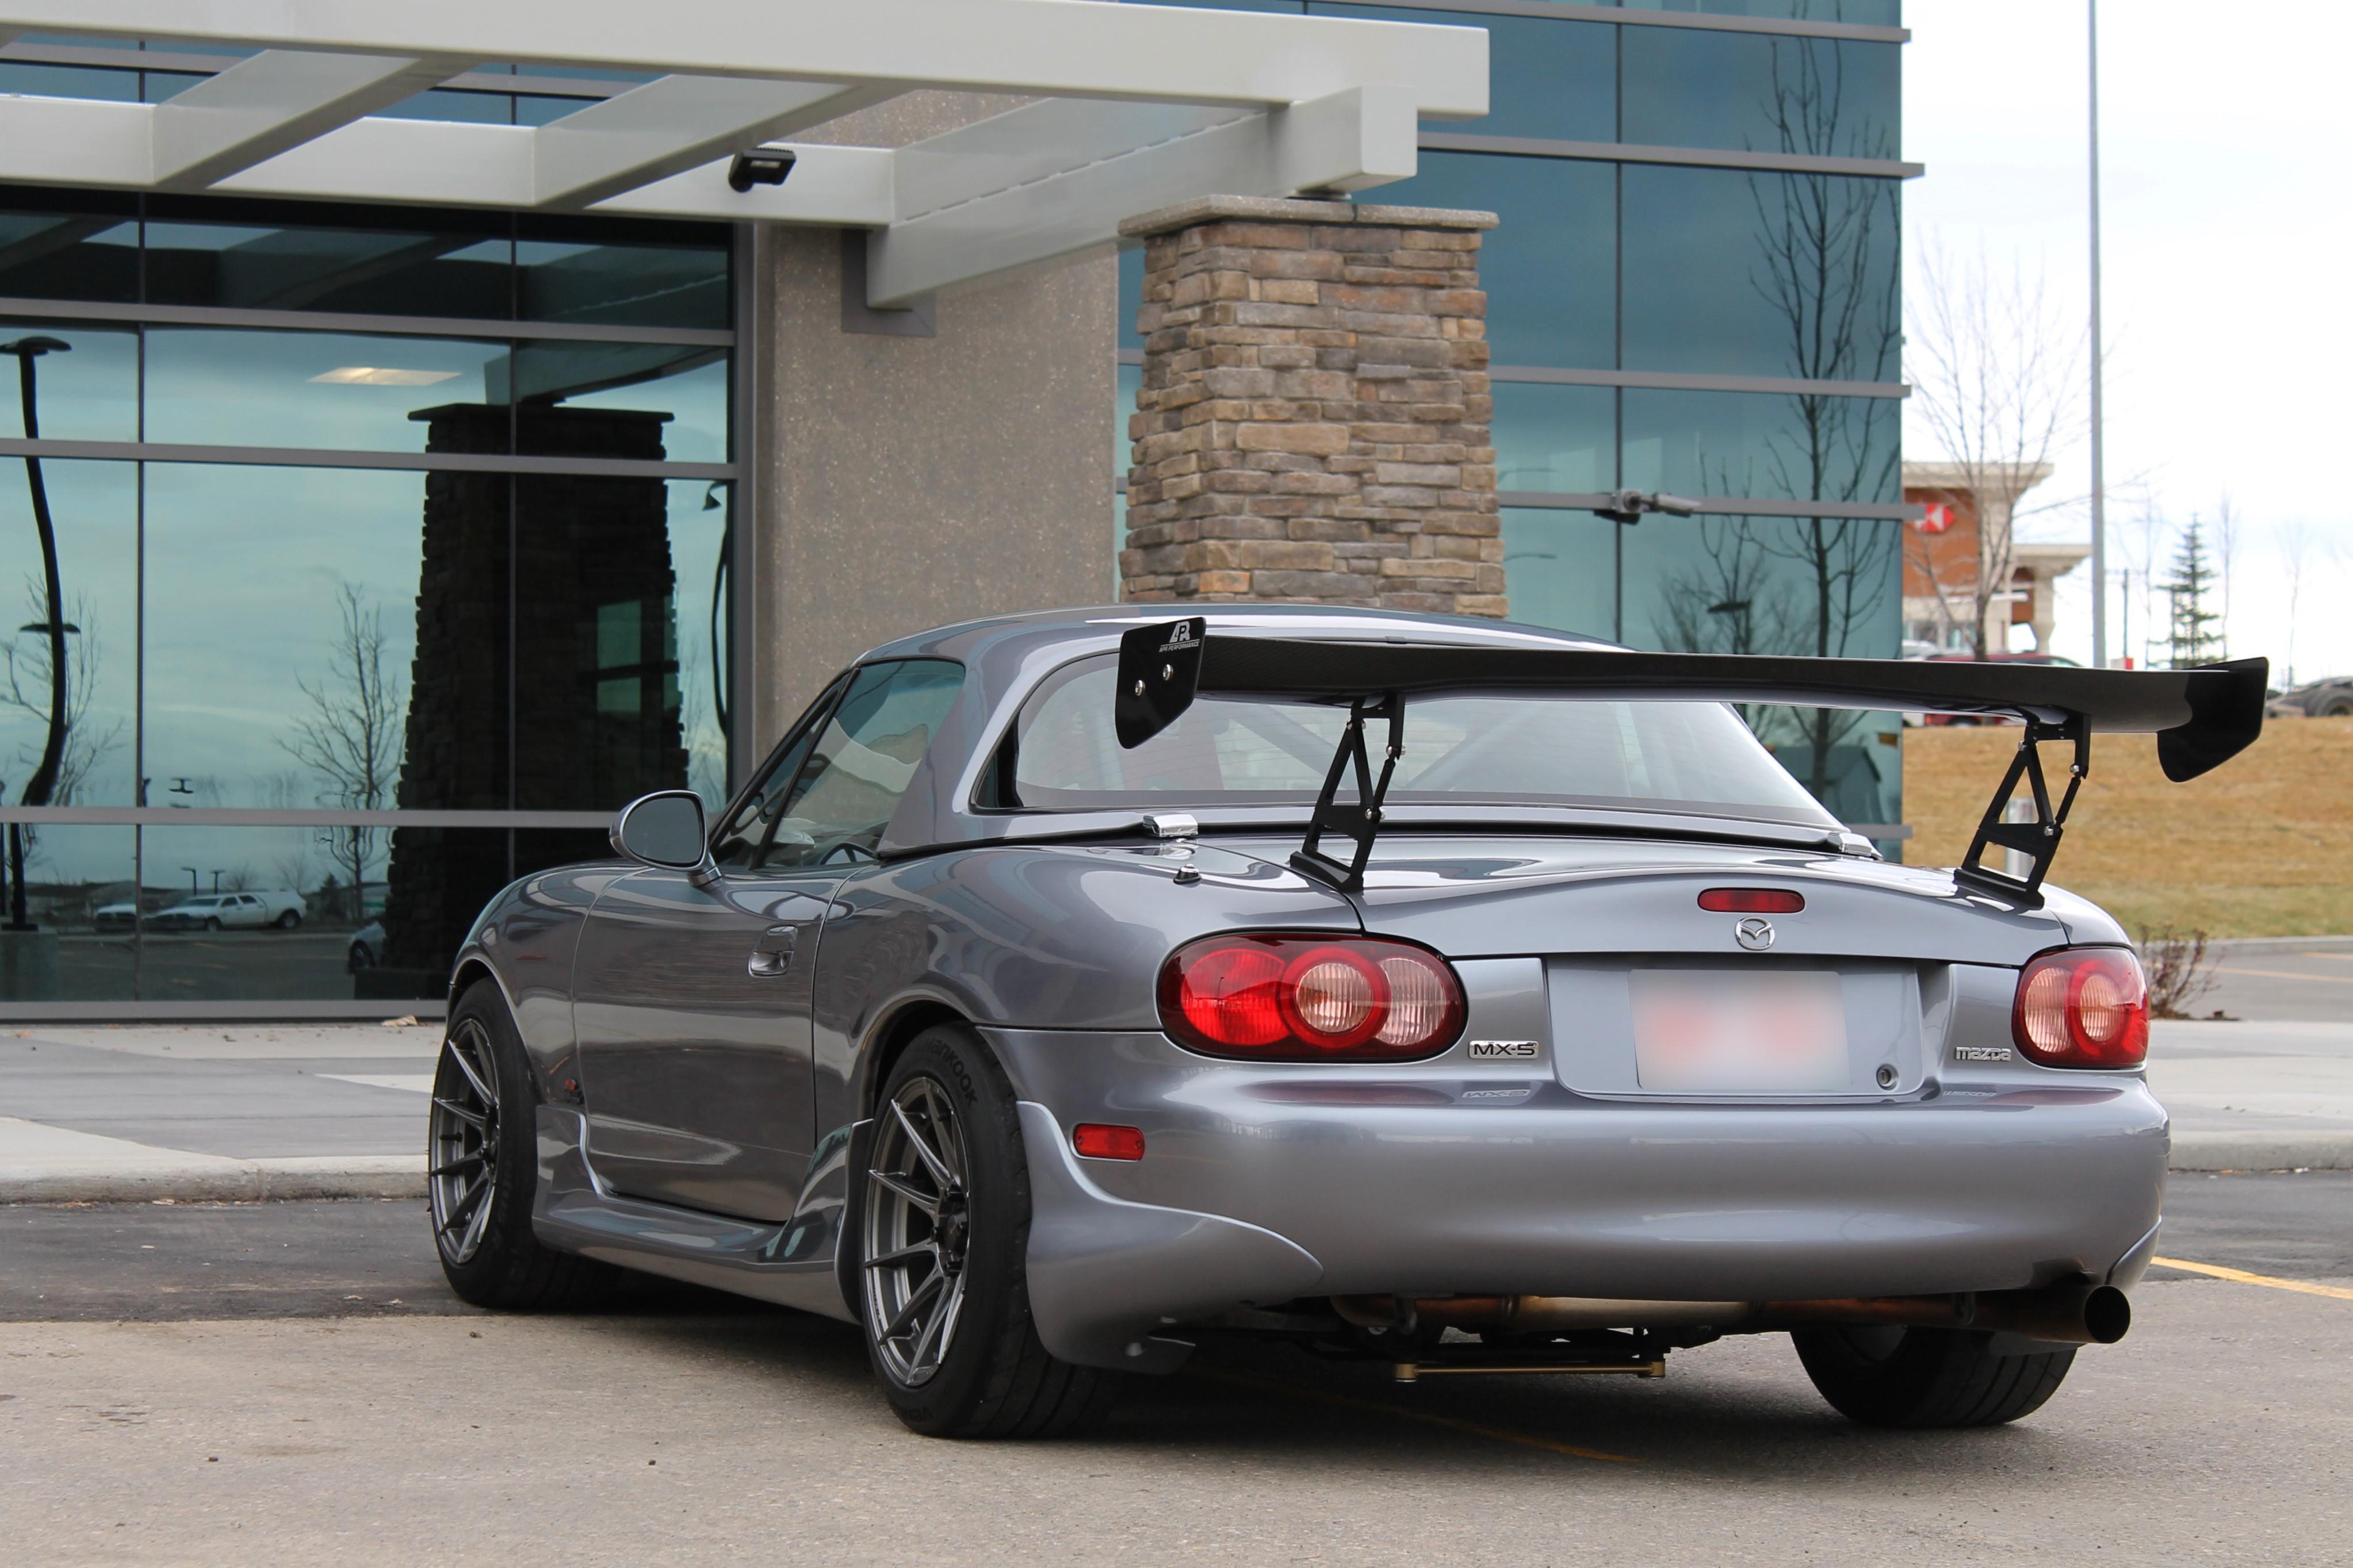 2003 Mazda MX-5 Miata SC'd (Street/Track) For Sale in ...